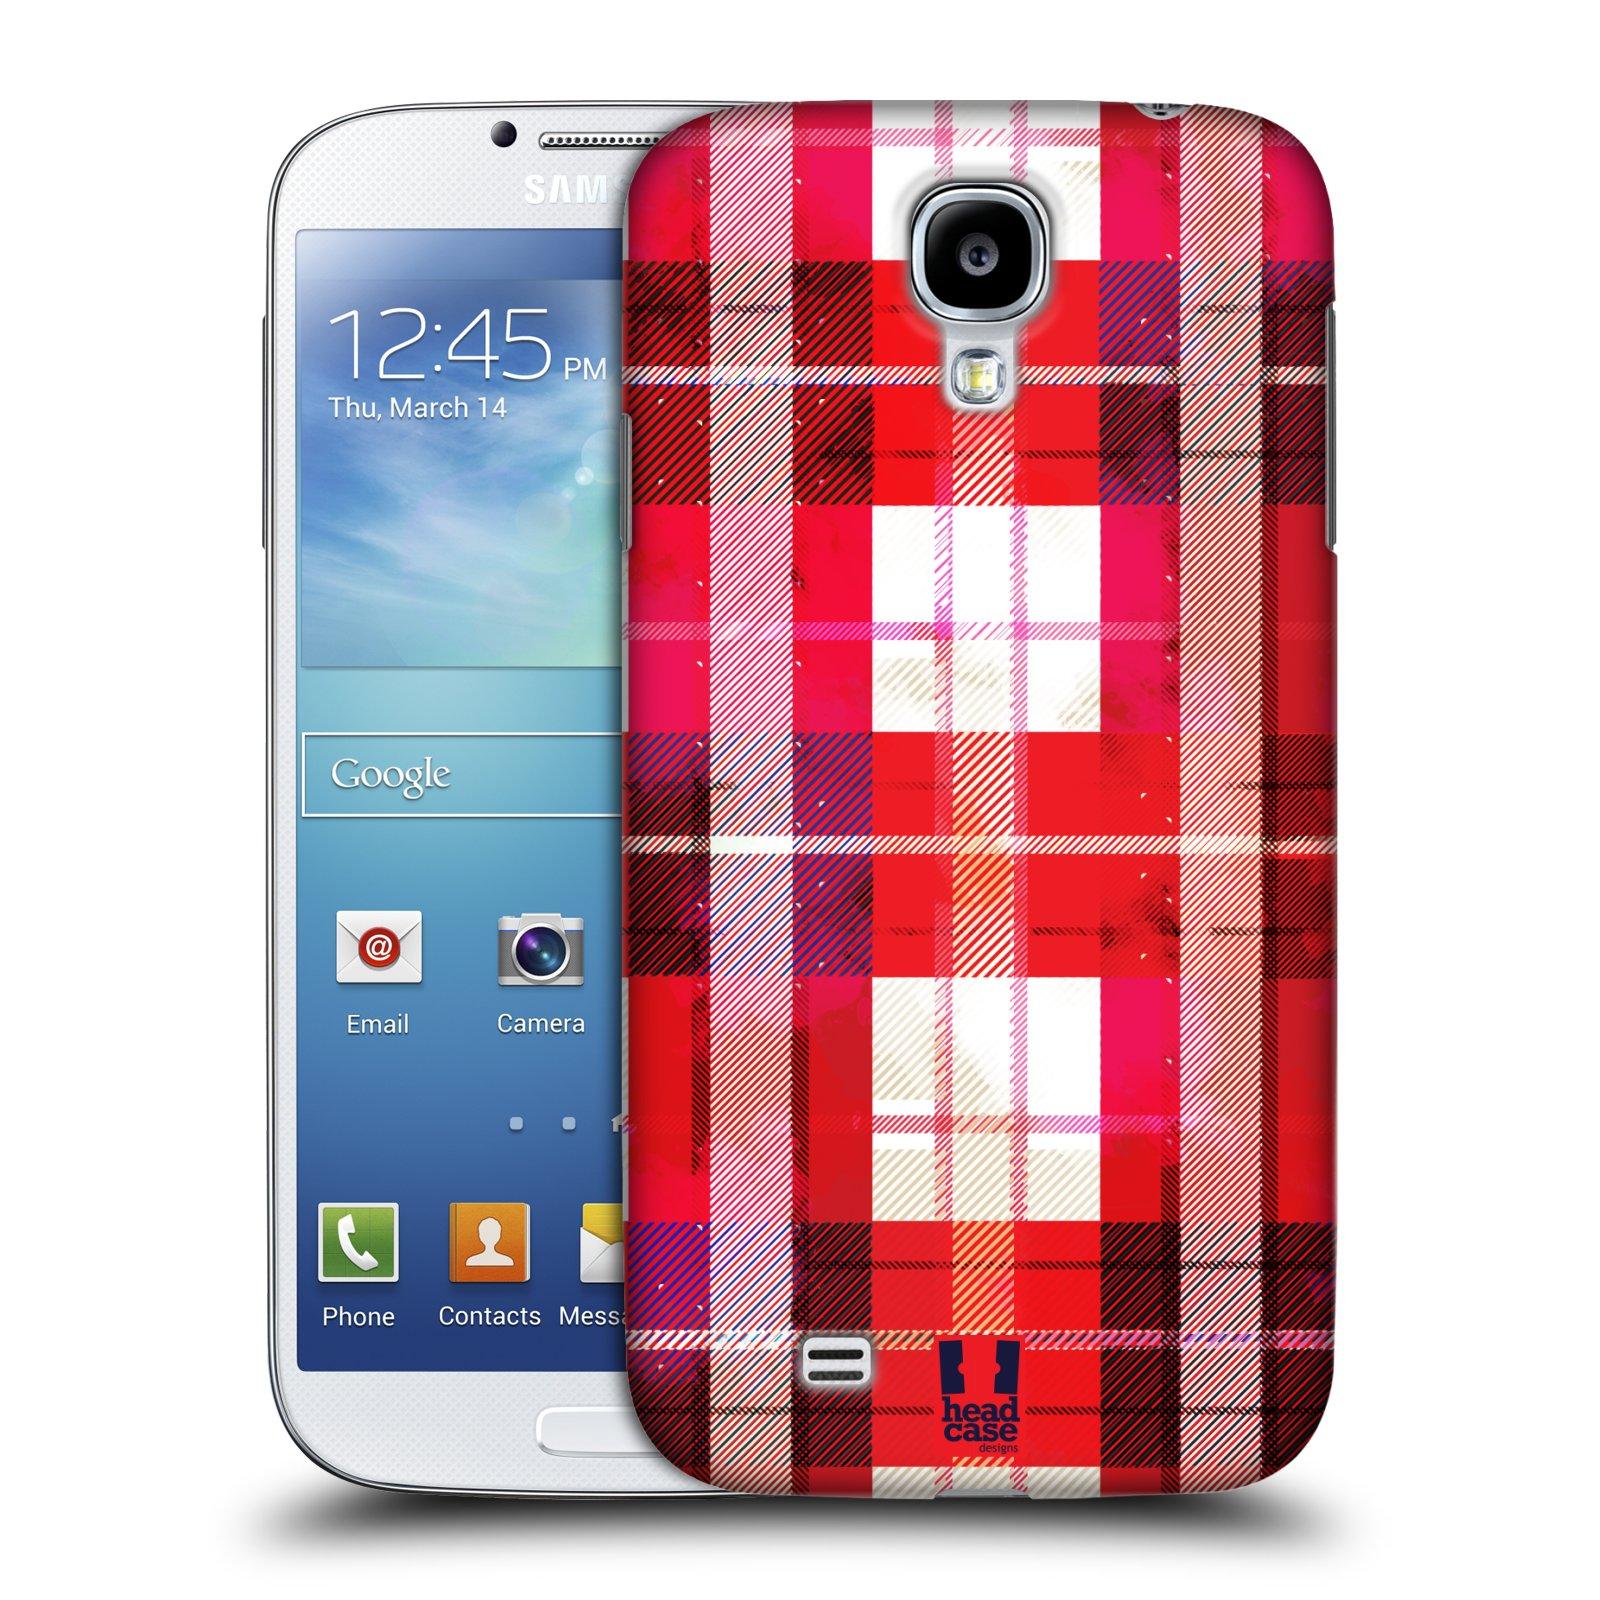 Plastové pouzdro na mobil Samsung Galaxy S4 HEAD CASE FLANEL RED (Kryt či obal na mobilní telefon Samsung Galaxy S4 GT-i9505 / i9500)